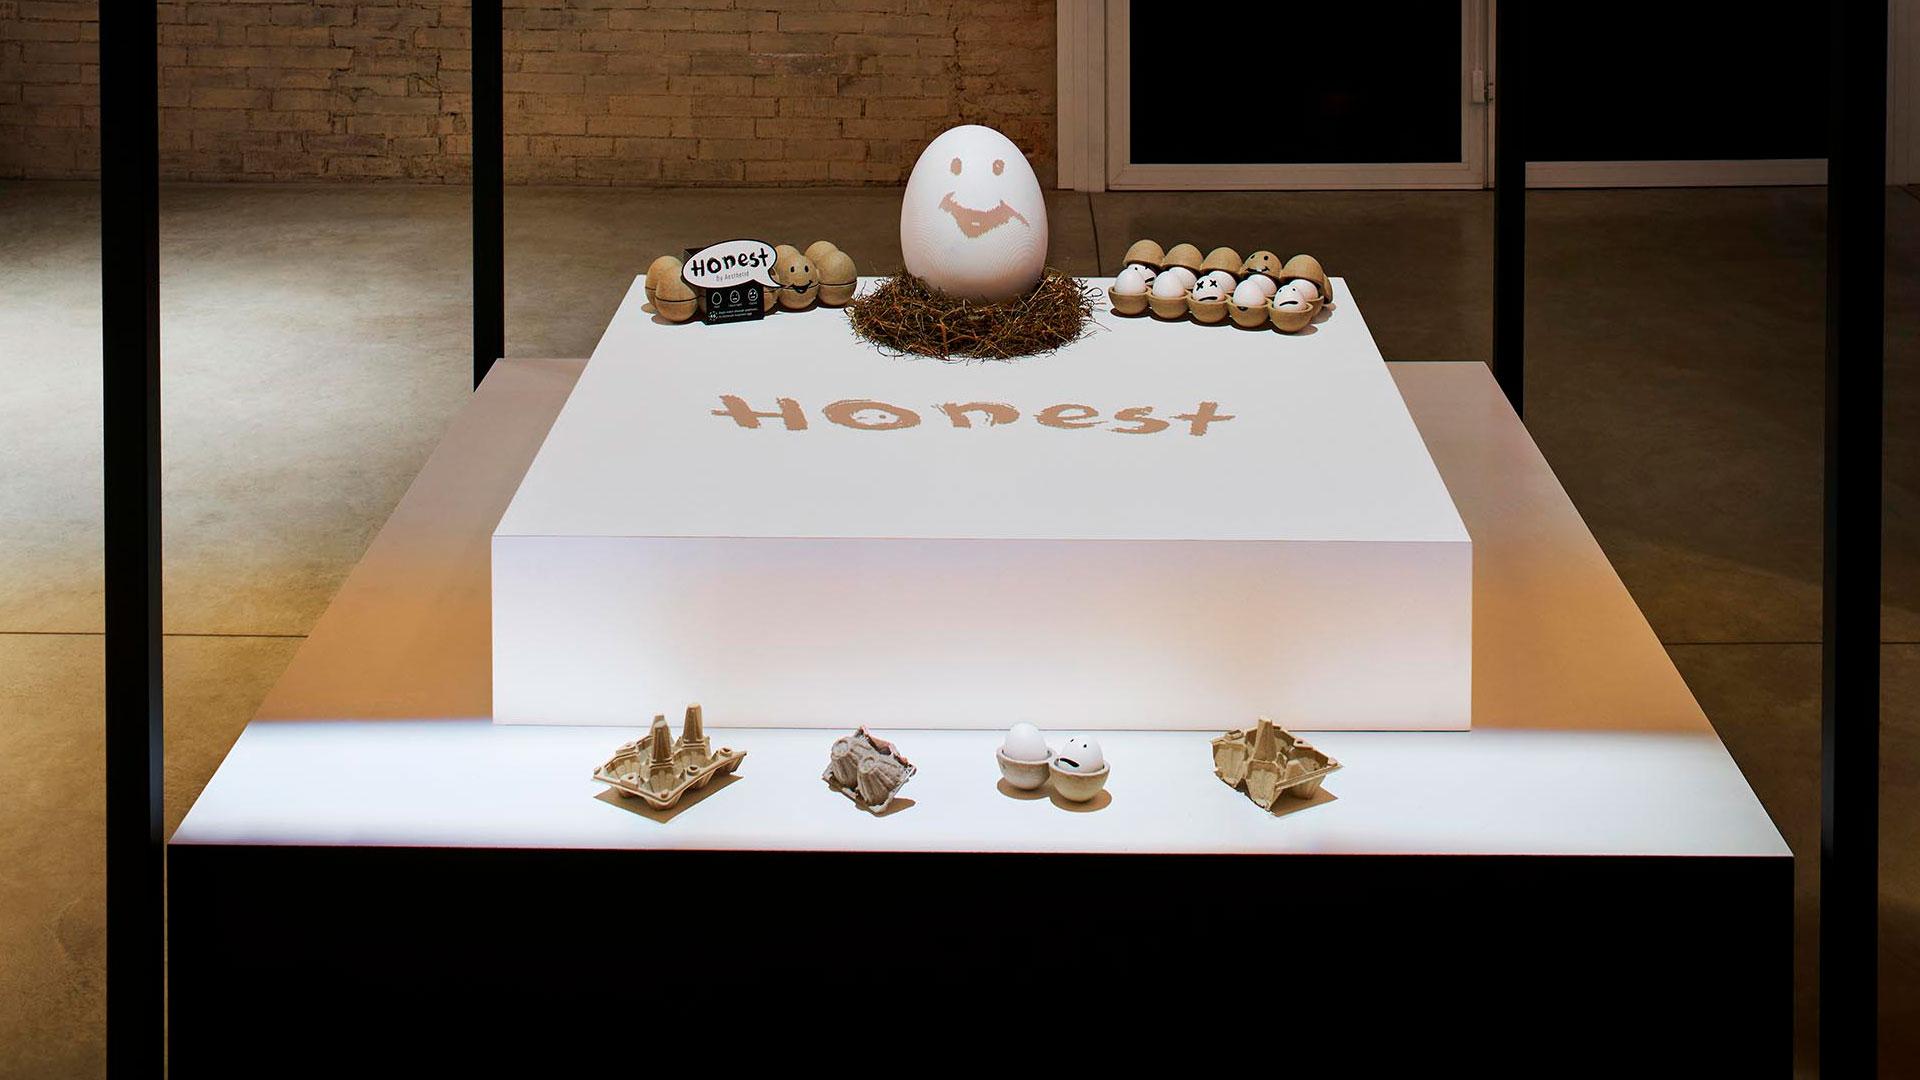 El proyecto Honest Egg expuesto en el Salone di Mobile de Milán